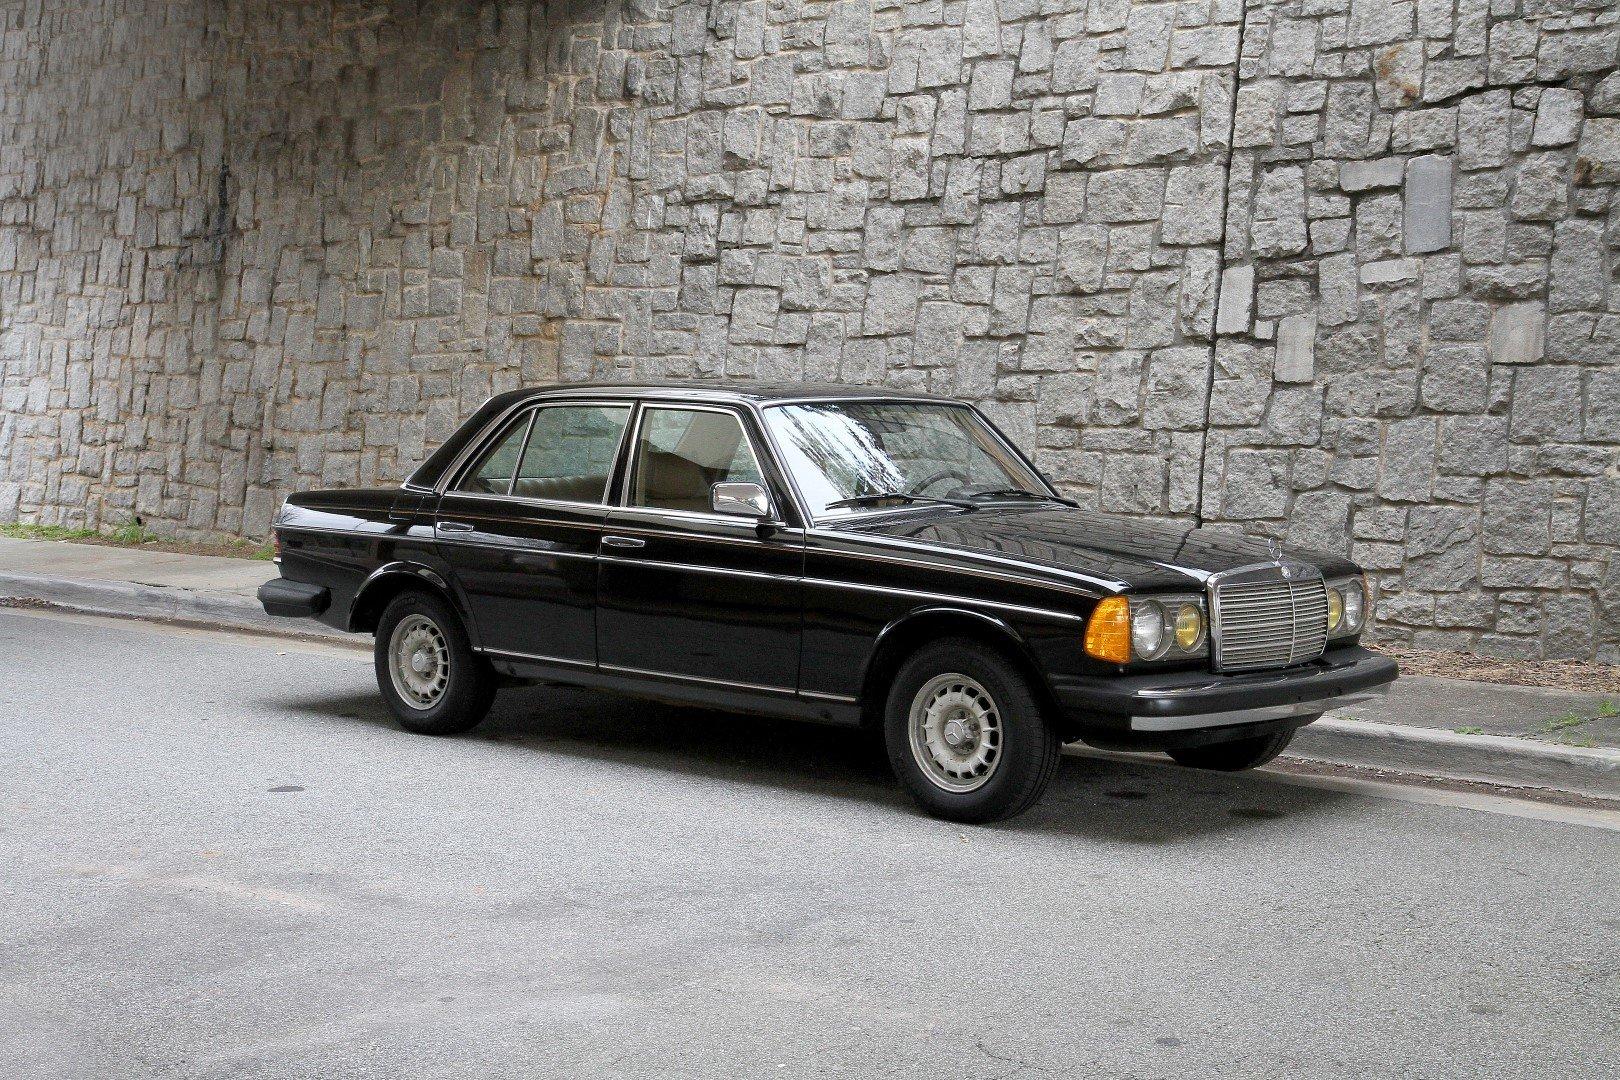 1983 Mercedes-Benz 300D | Motorcar Studio